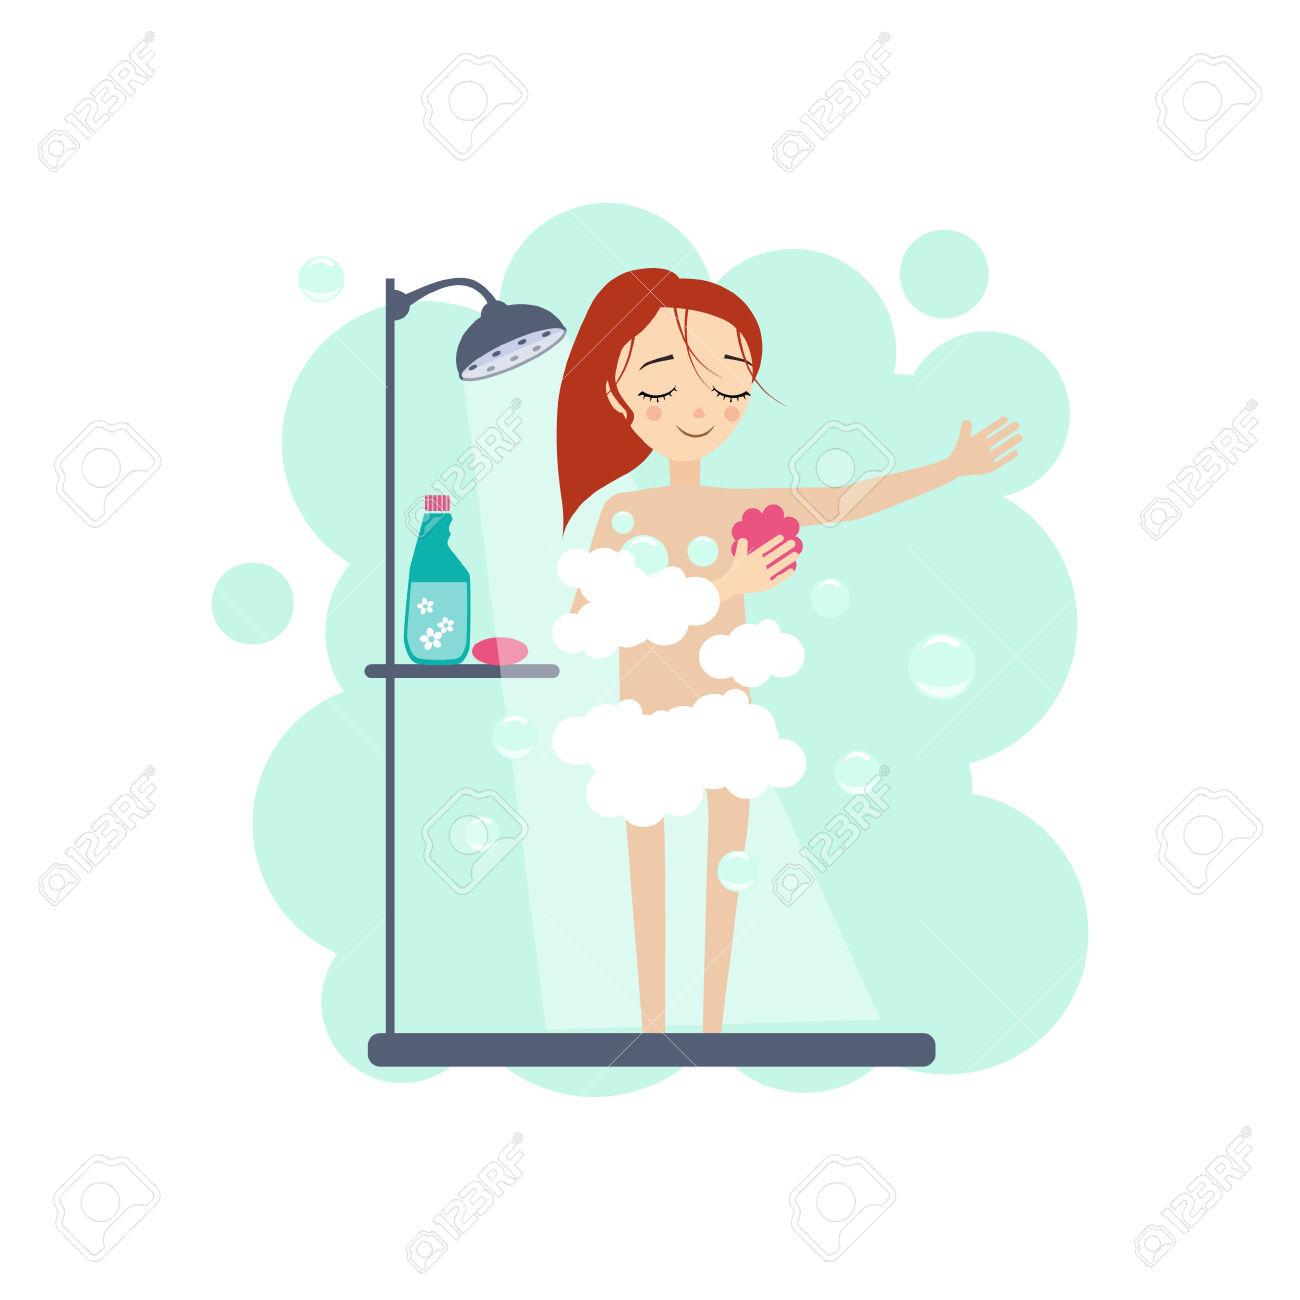 taking a bath clipart - photo #33